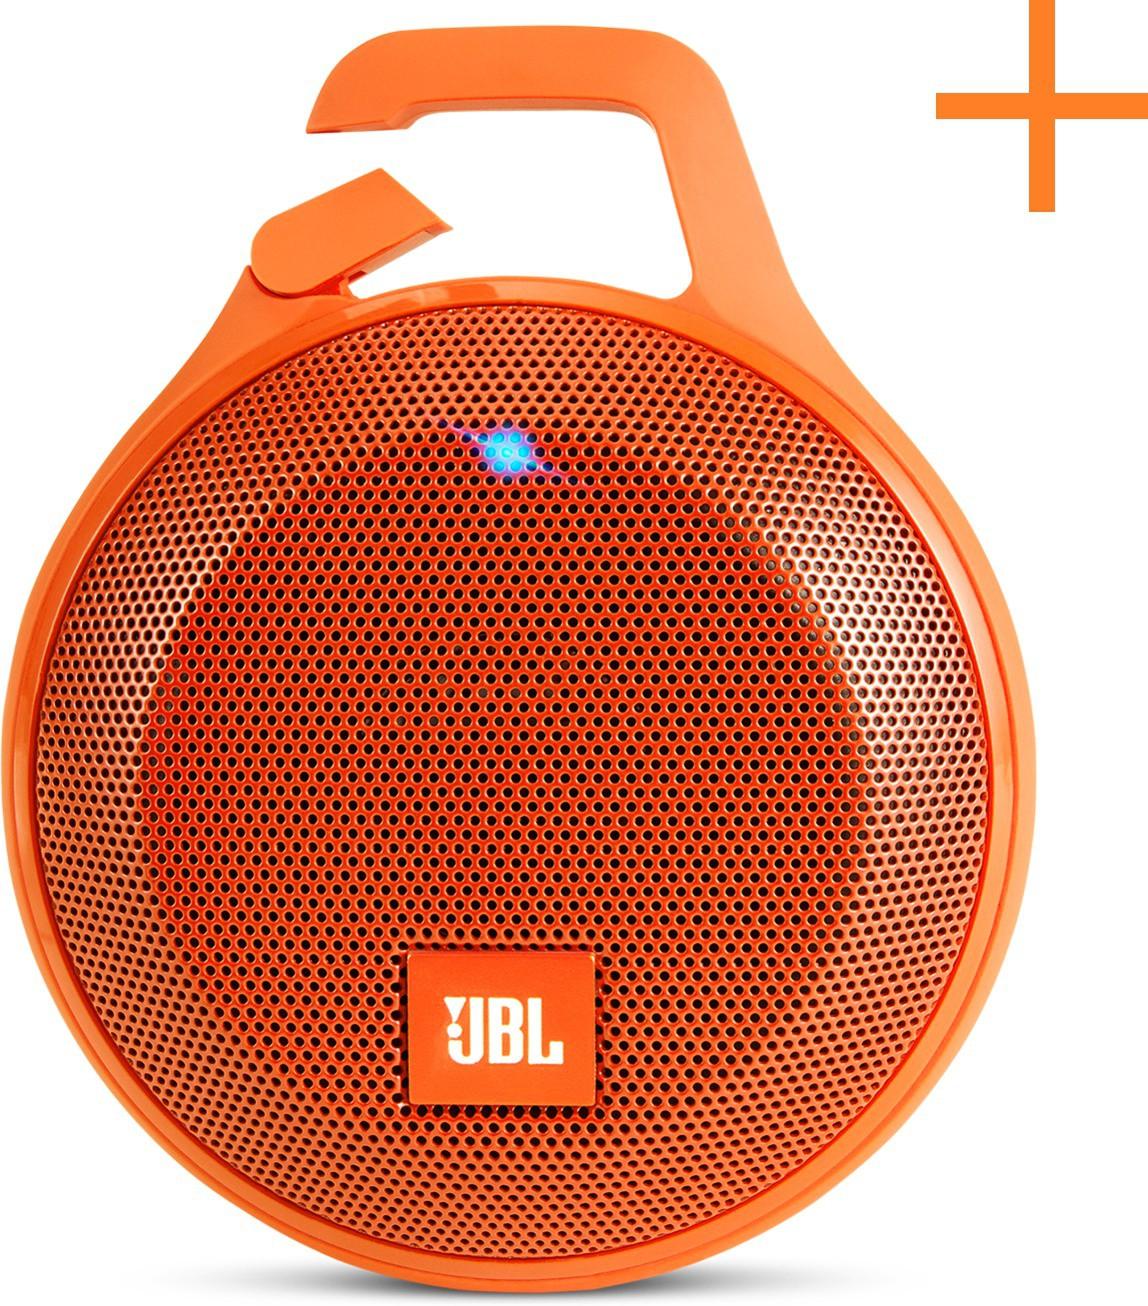 JBL Clip+ Splashproof Portable Bluetooth Portable Bluetooth Mobile/Tablet Speaker(Orange, 1.0 Channel)